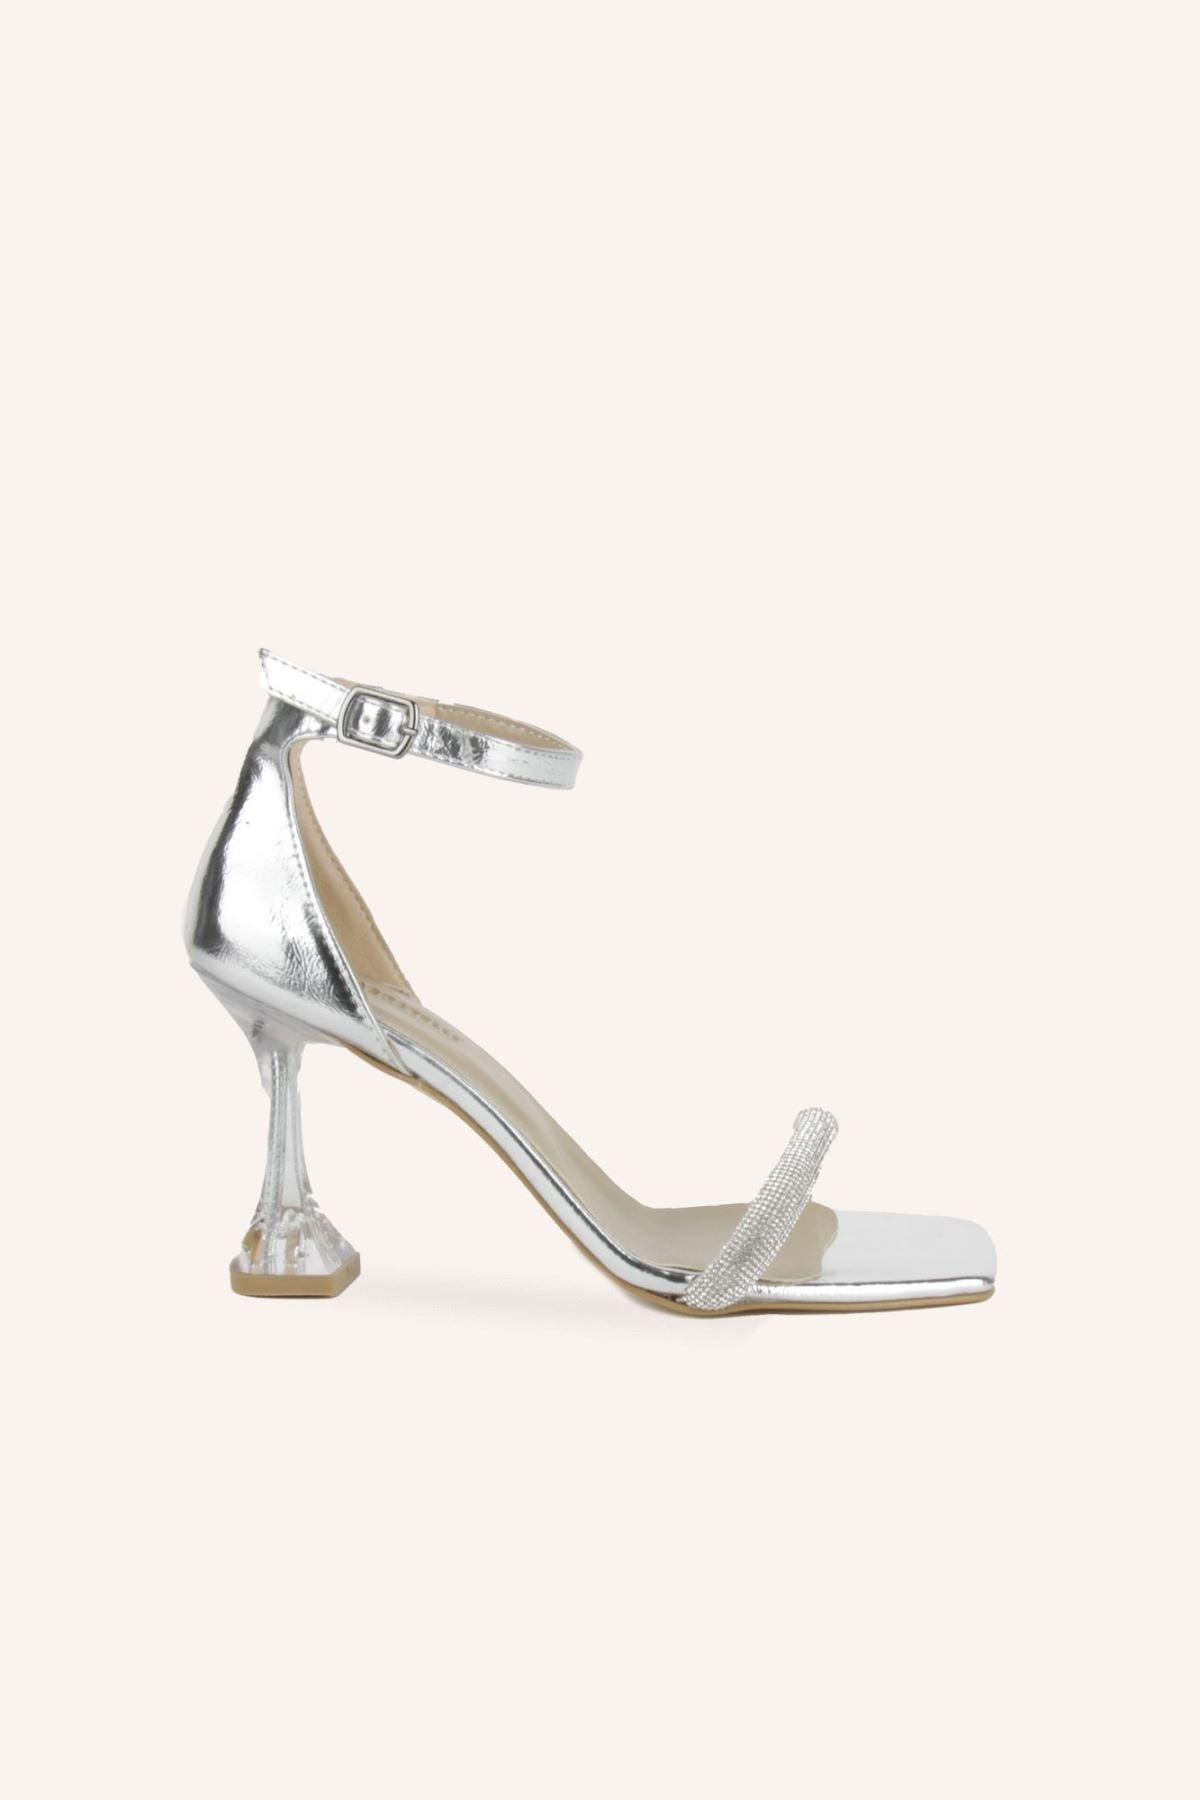 خرید انلاین کفش پاشنه بلند مجلسی زنانه ترکیه برند MARCATELLI رنگ نقره کد ty95171761